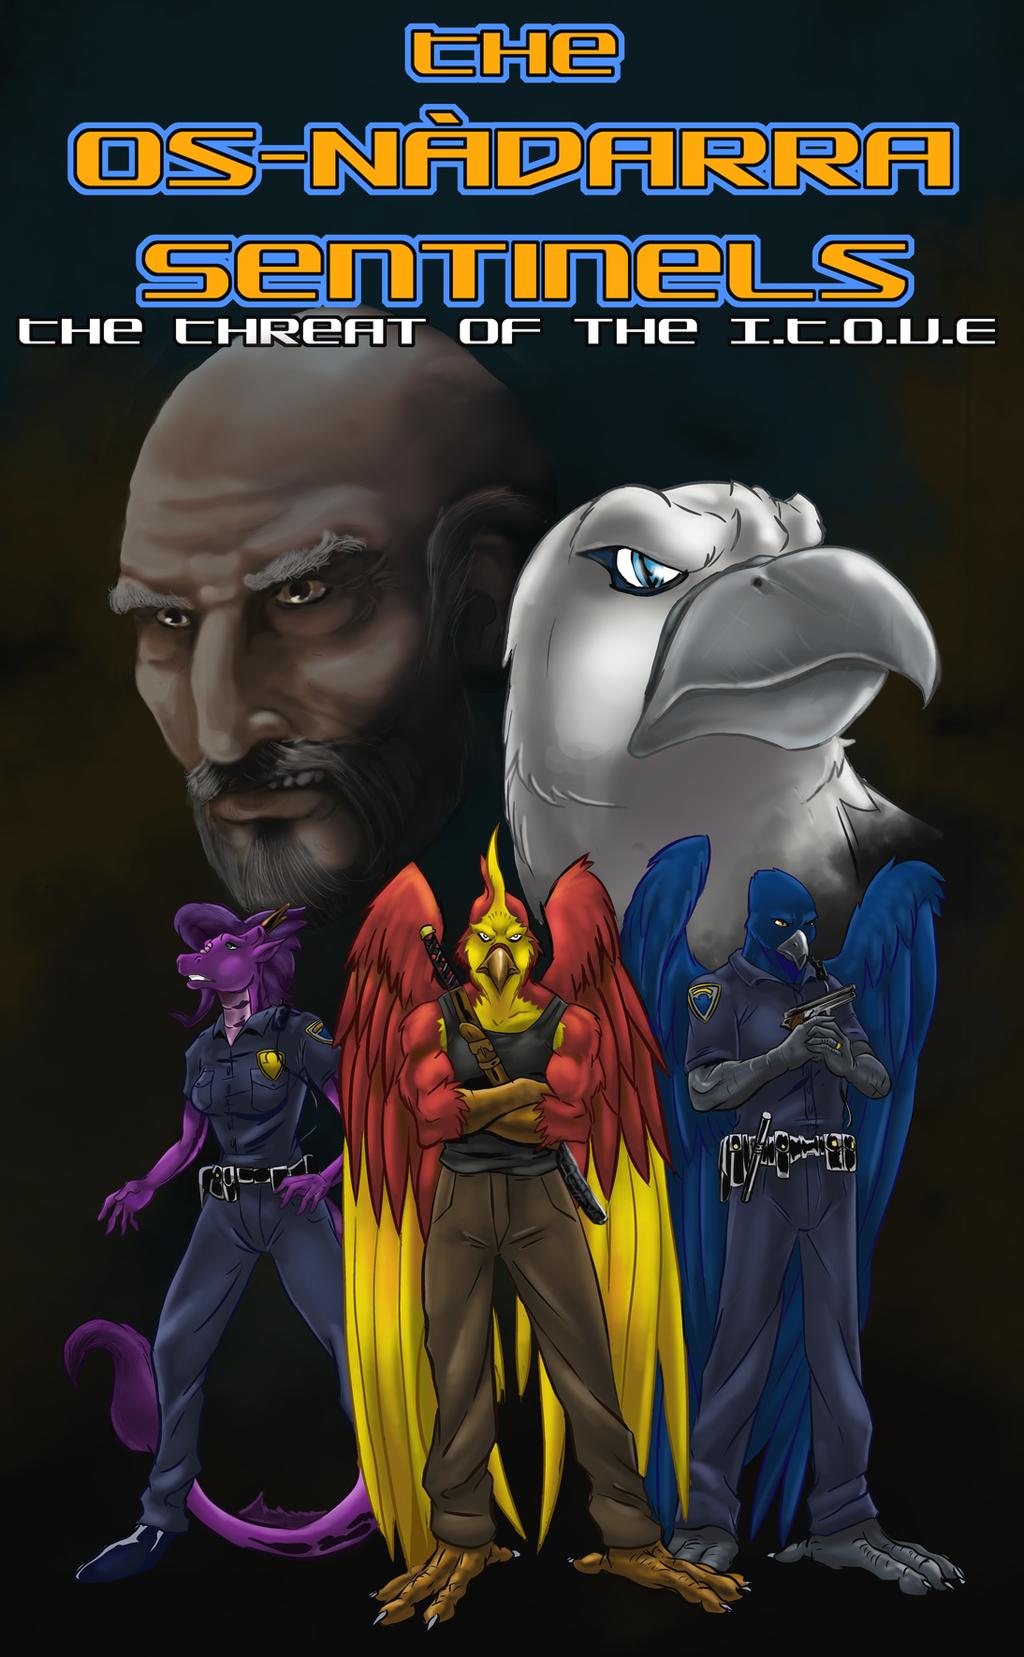 Threat of the I.T.O.U.E